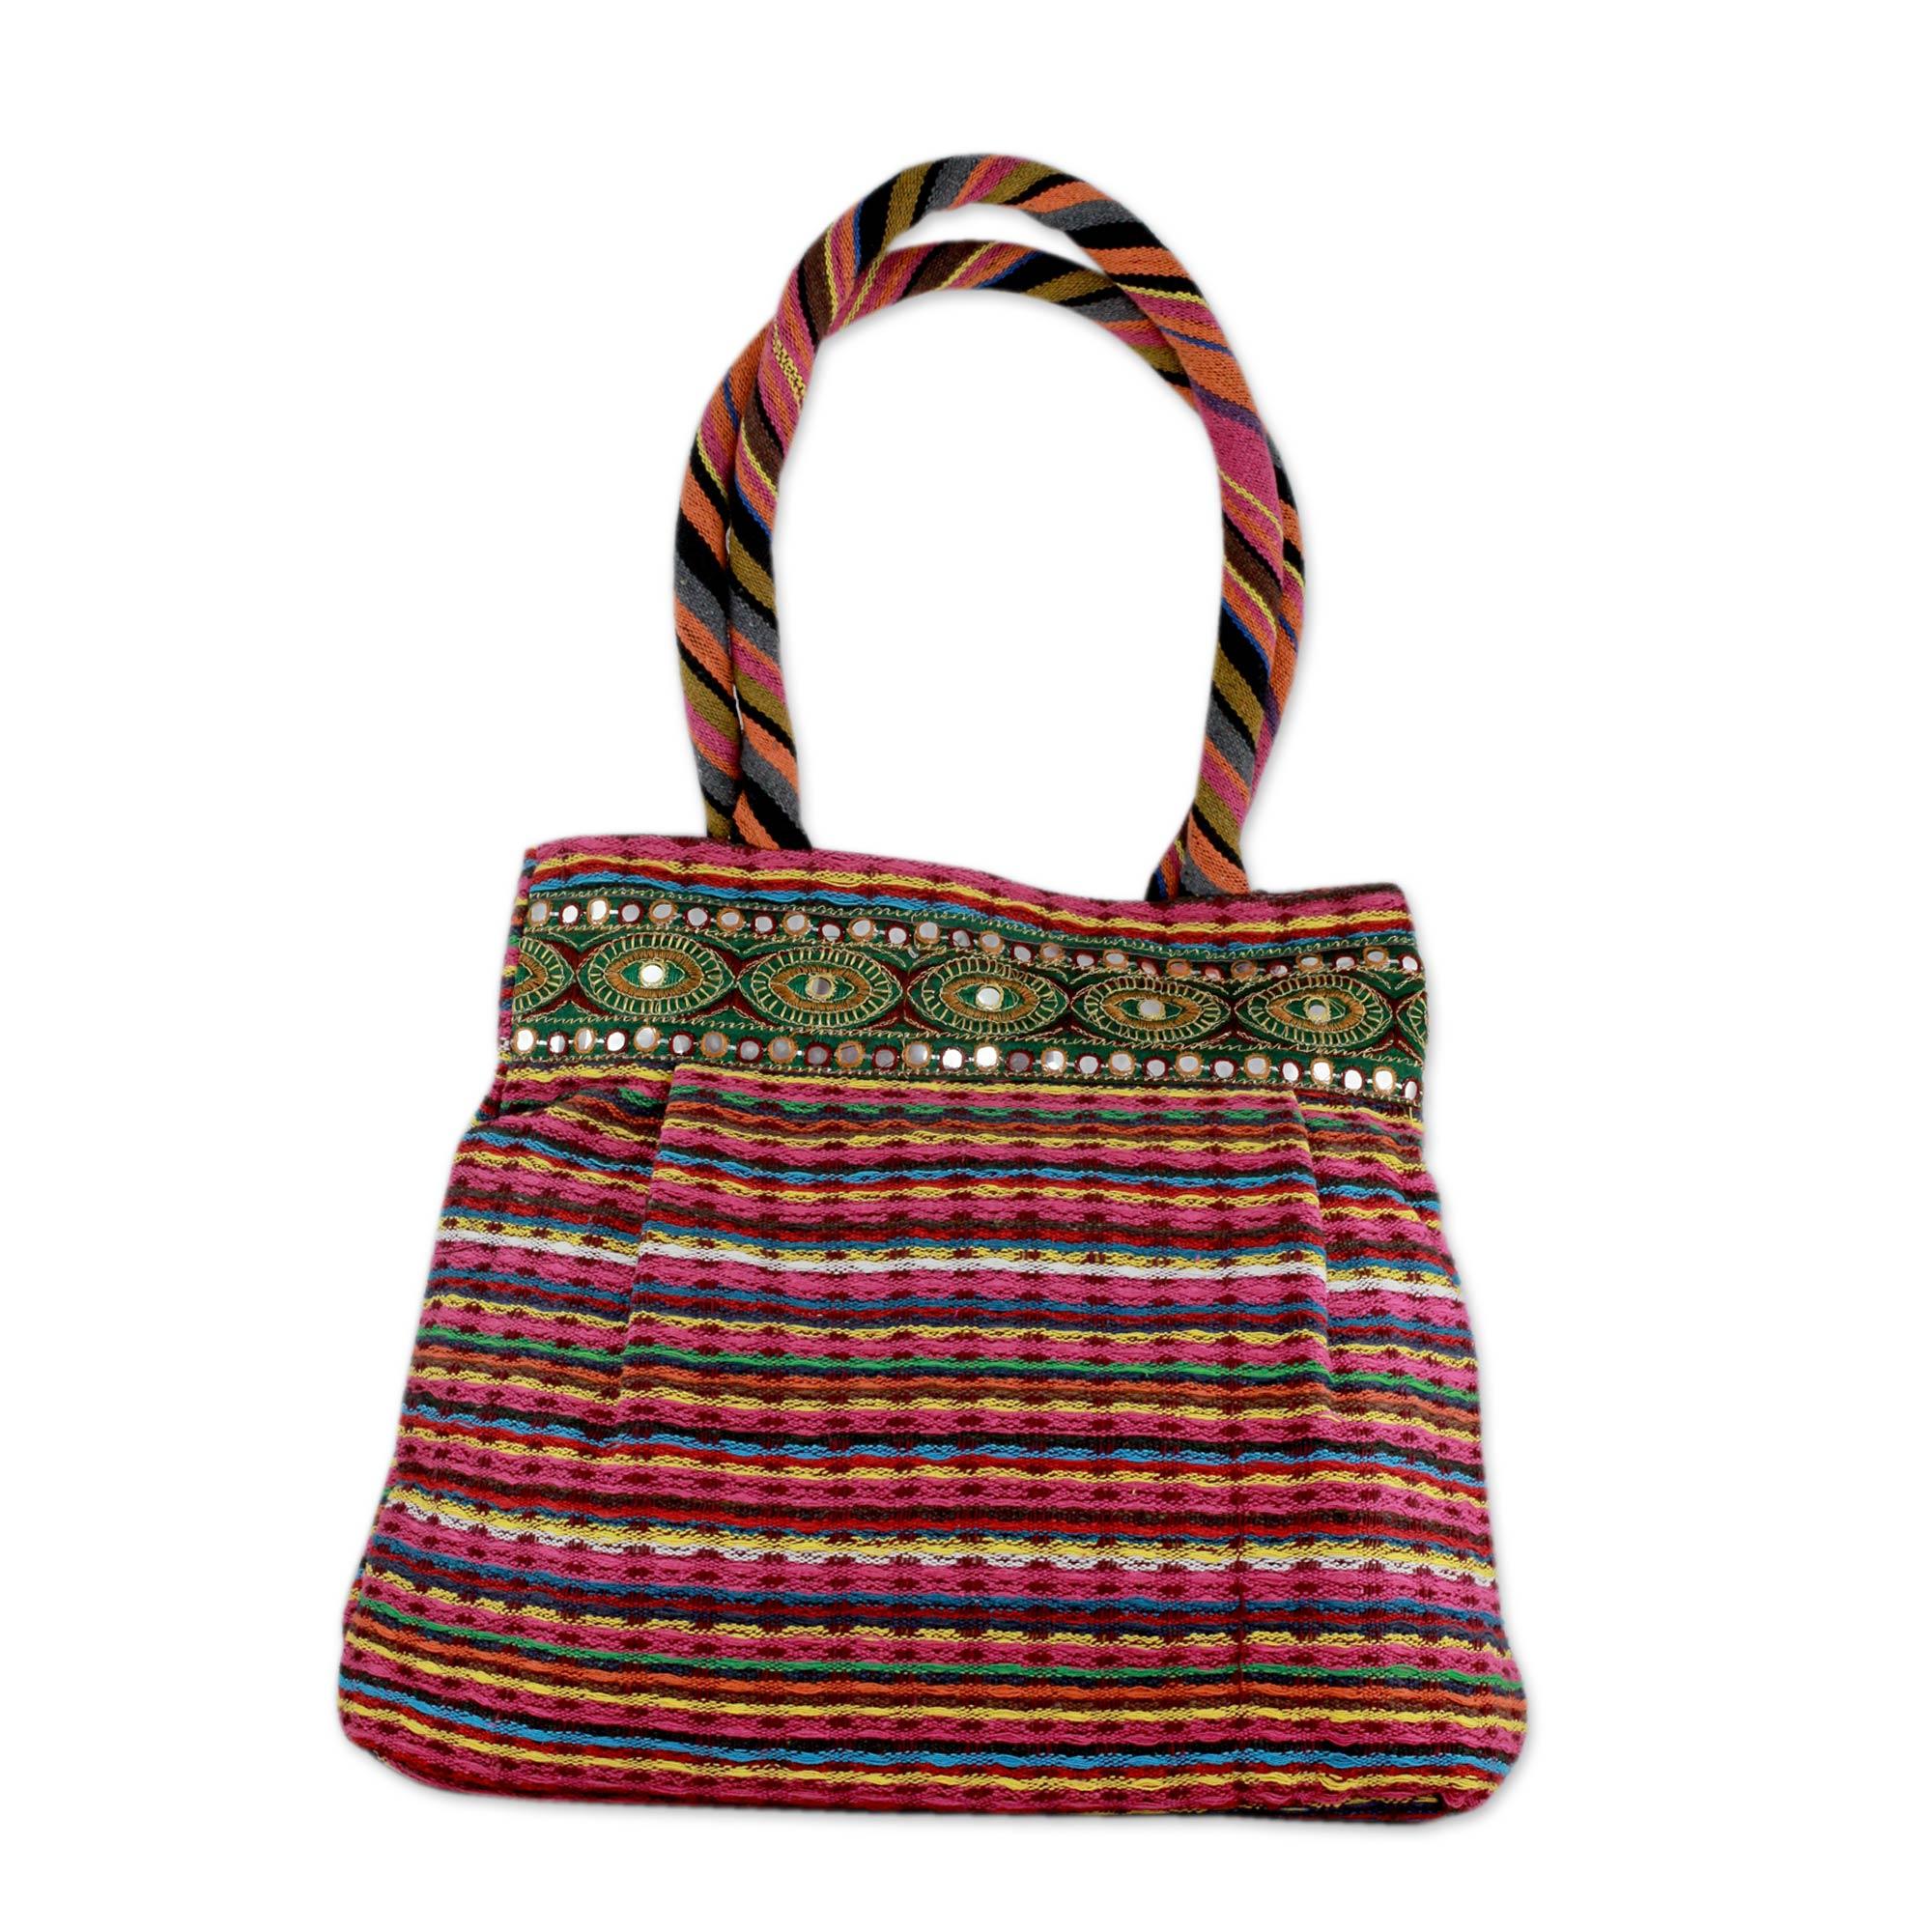 Novica Cotton sling tote, Think Pink - Handcrafted Embroidered Floral Cotton Shoulder Bag